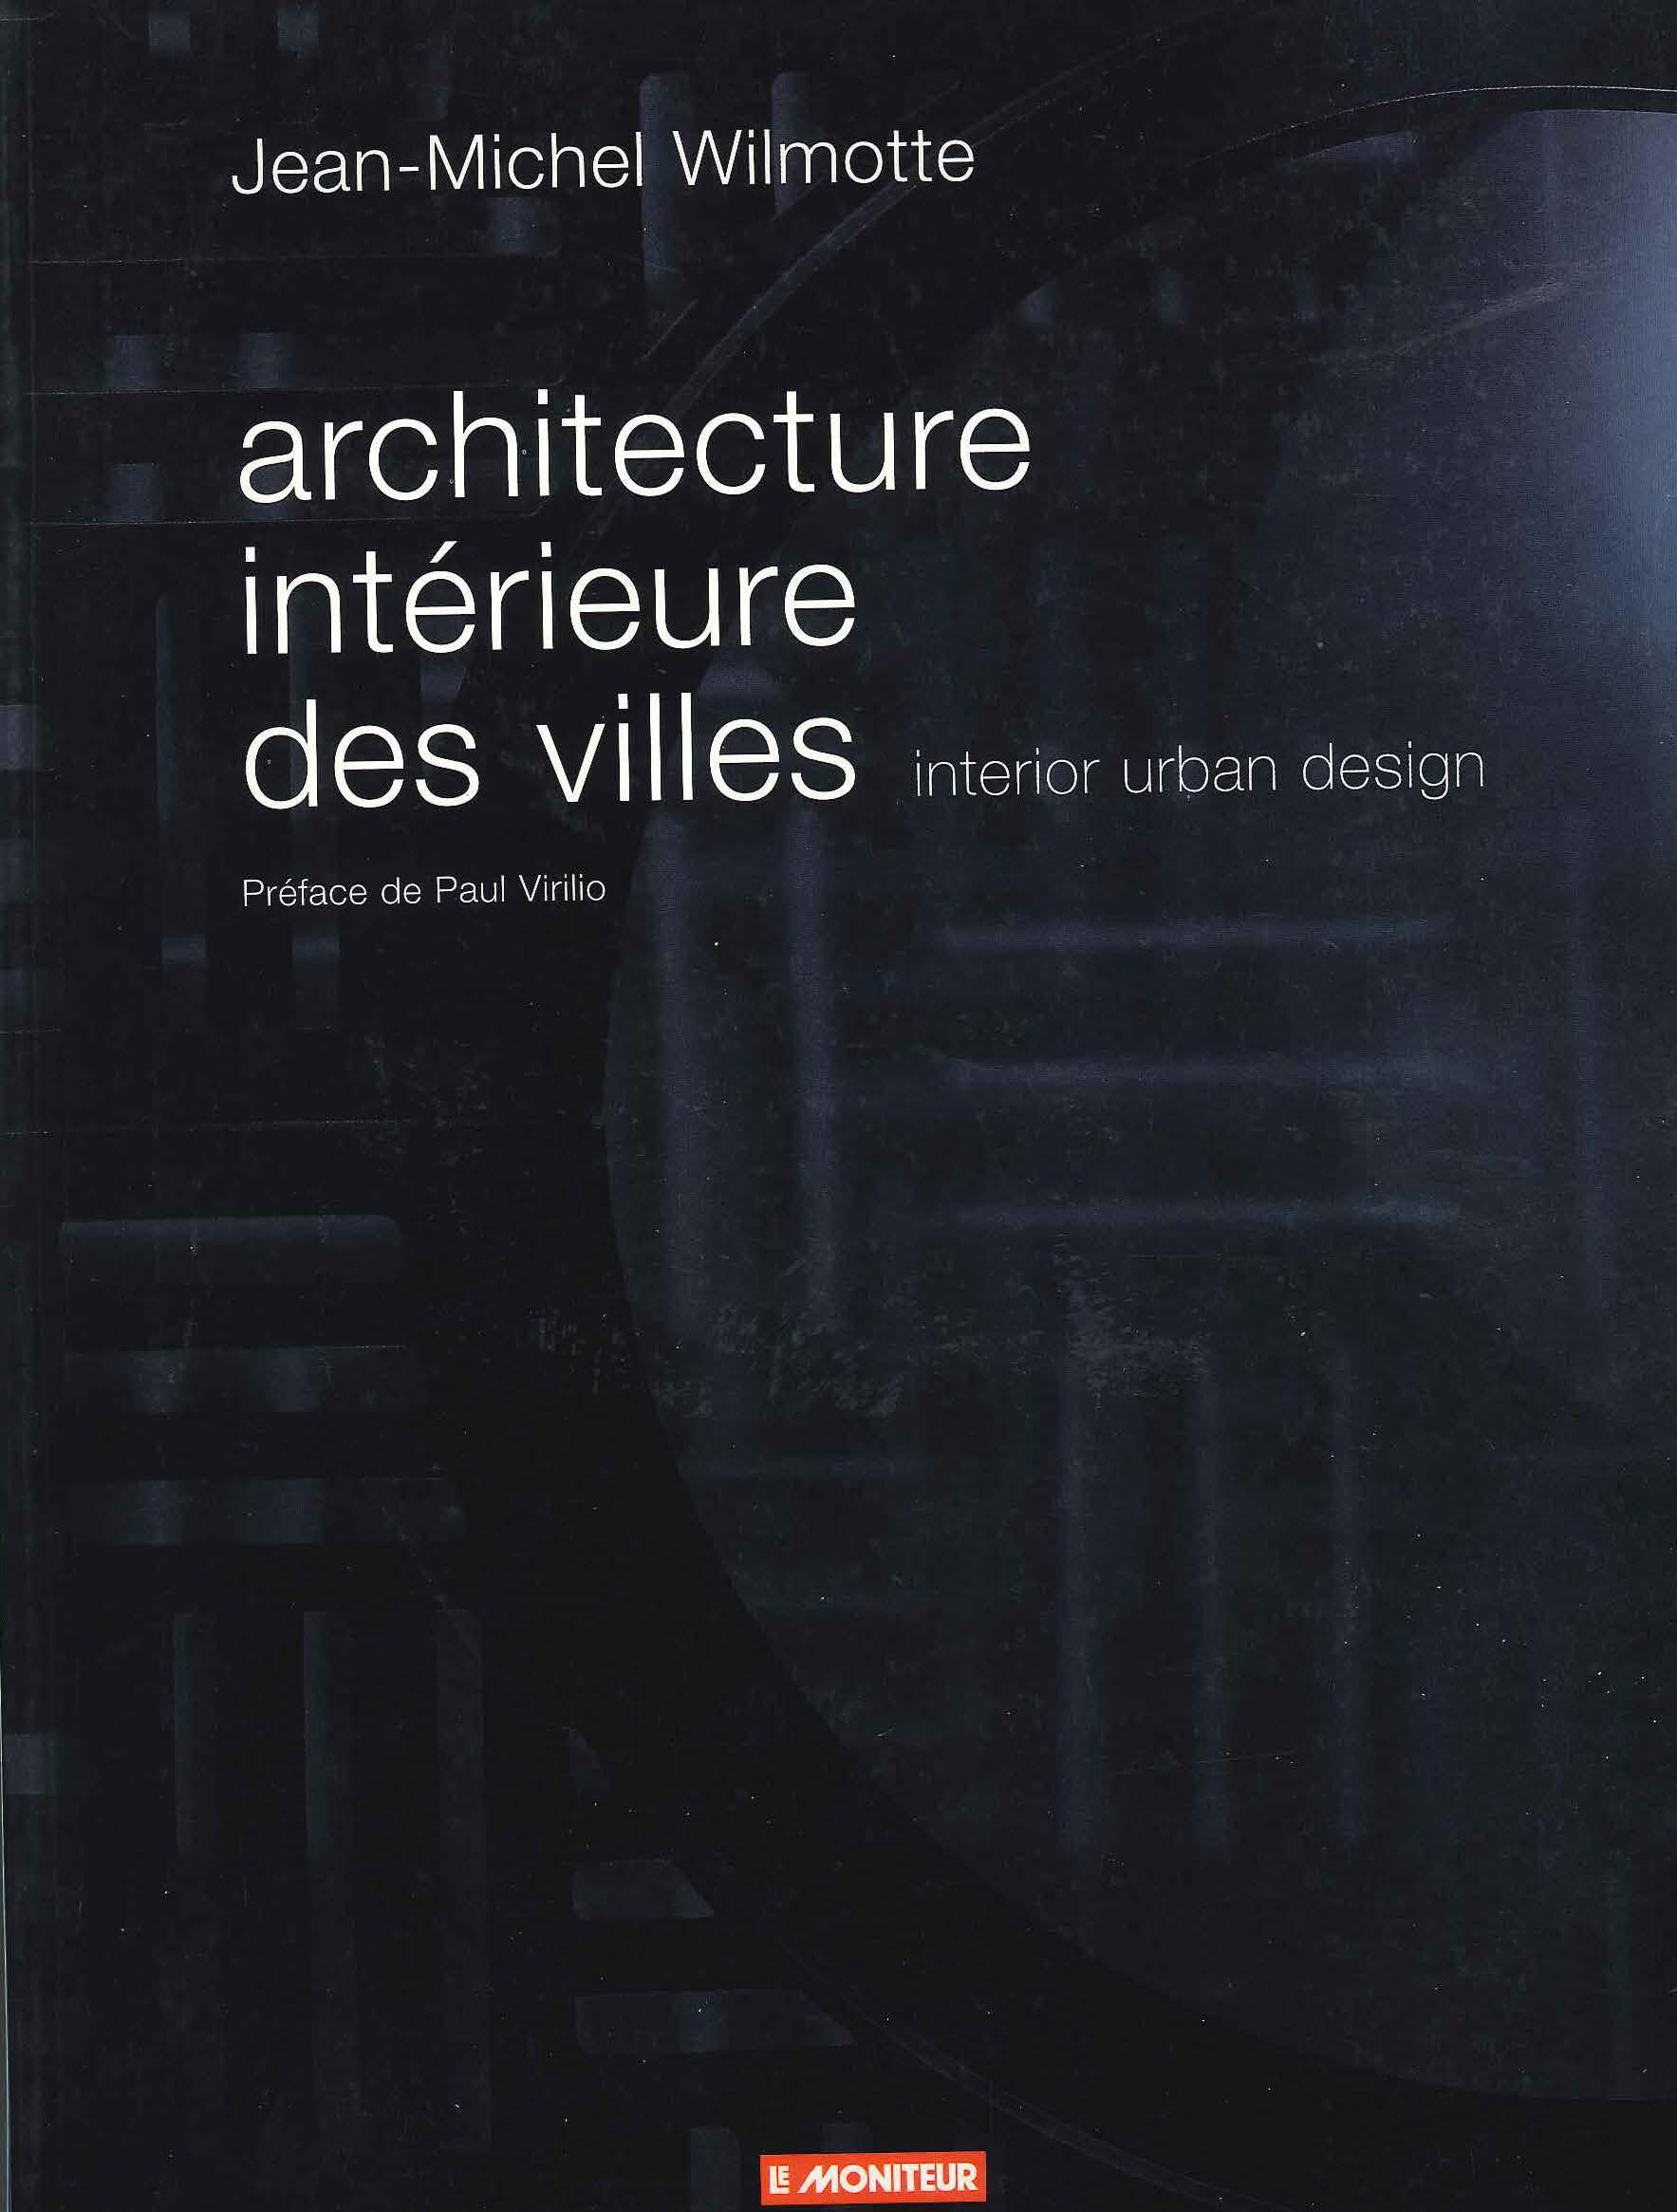 Architecture intérieure des villes